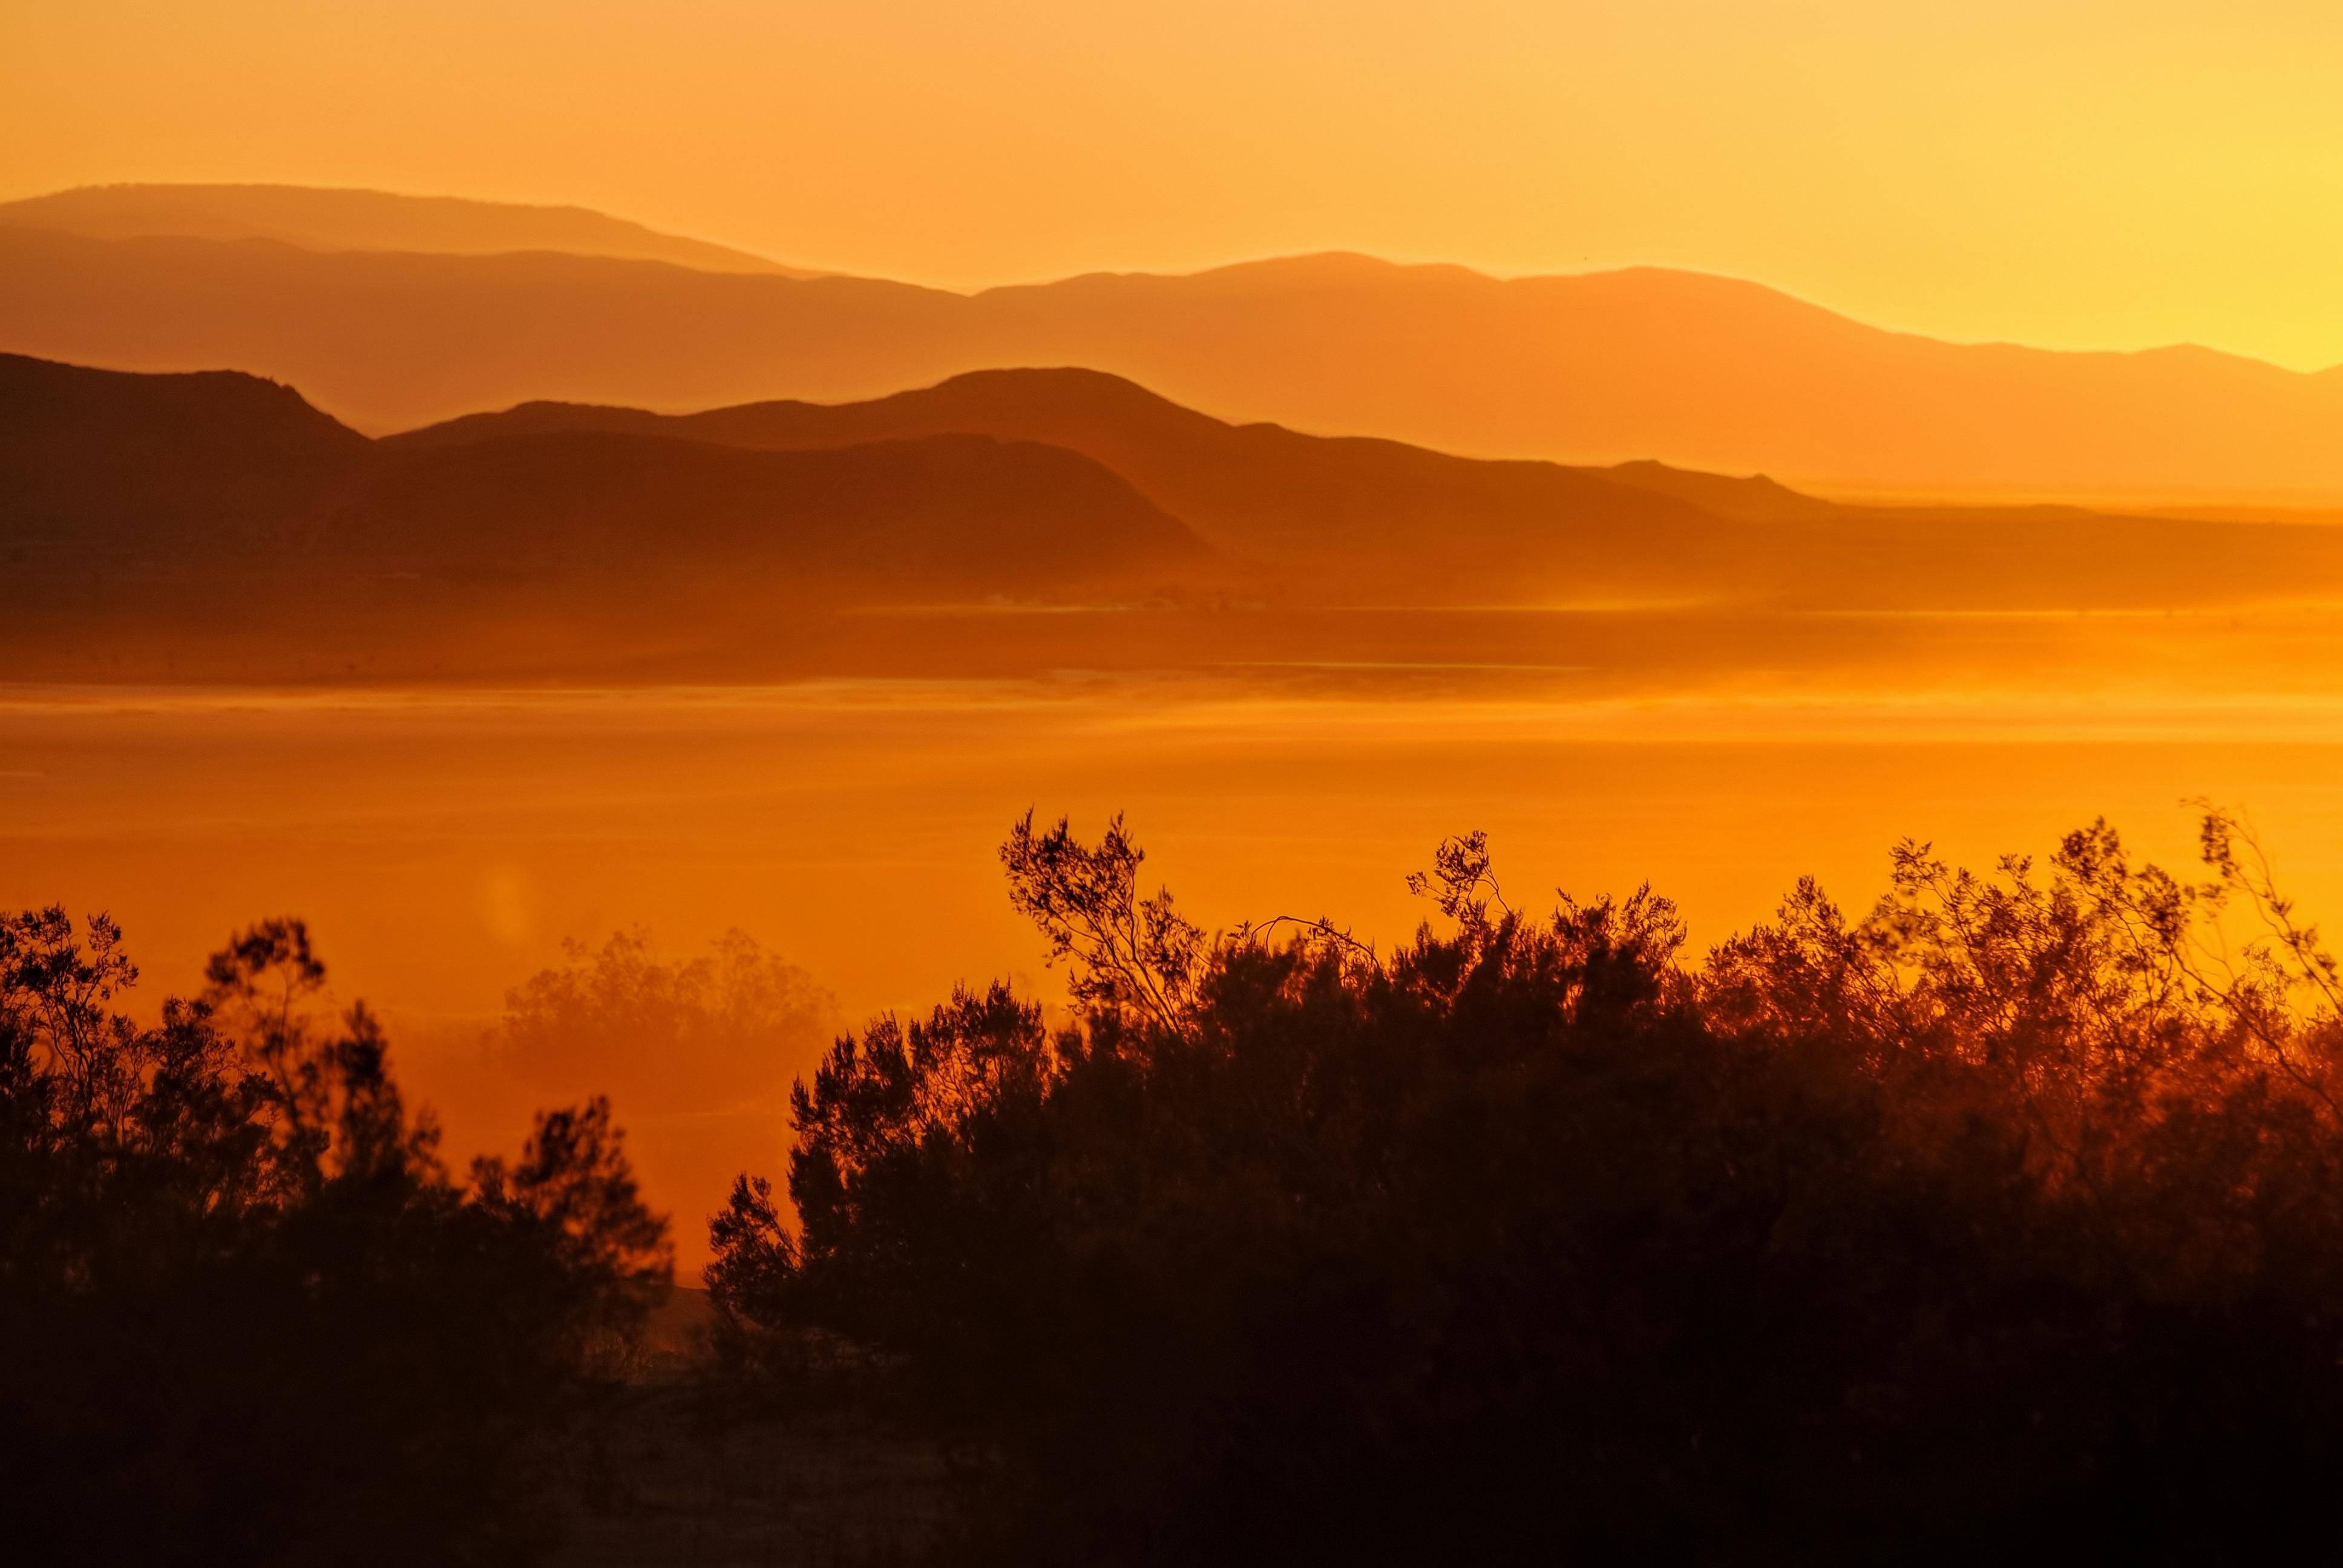 Desert california mojave